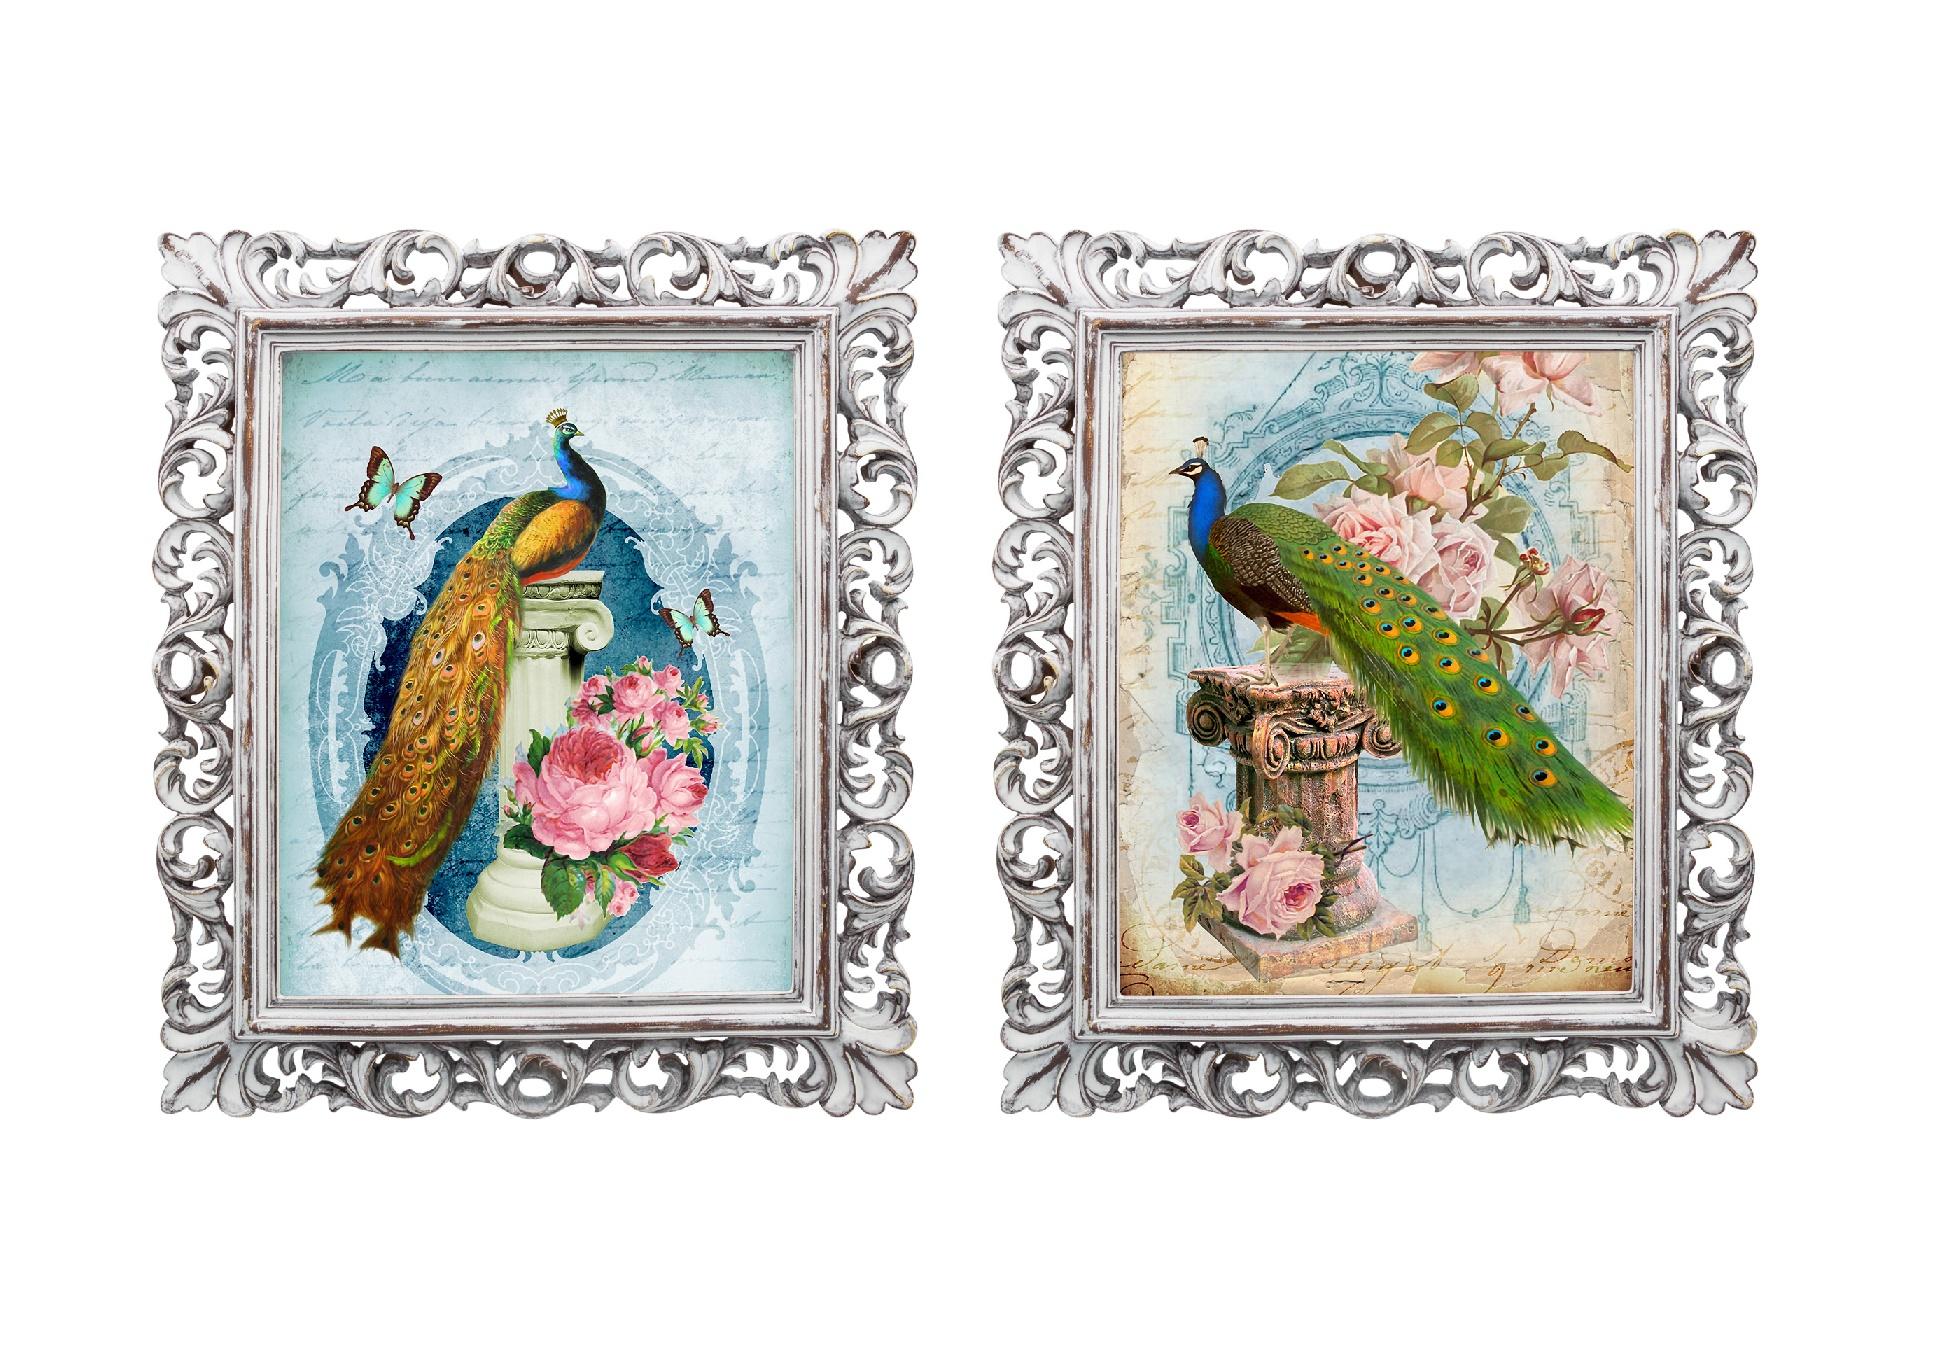 Набор из двух репродукций МадленКартины<br>Уникальные старинные изображения &amp;quot;Красавец с длинным опереньем&amp;quot; в окружении изящных рам создадут особую романтическую атмосферу. Изображение красивой птицы с великолепным, переливающимся всеми цветами радуги, оперением, завораживает и погружает в магическую атмосферу таинства, наполняет дом чудесами. Изображения обрамлены винтажными рамами, искусная техника состаривания придает изделию особую теплоту и загадочность. Благородная патина на поверхности рамы — интригующее приглашение к прогулке в мир старинных реликвий! Изображение картины наполнено уникальными эмоциями и тайной, скрытой под кристально прозрачным стеклом. Картину можно повесить на стену, а можно поставить, например, на стол или камин. Защитный стеклянный слой гарантирует долгую жизнь прекрасному изображению. А если Вам захочется обновить интерьер, Вы можете с легкостью заменить изображение картины!&amp;lt;div&amp;gt;&amp;lt;br&amp;gt;&amp;lt;/div&amp;gt;<br><br>Material: Бумага<br>Width см: 28,8<br>Depth см: 2,3<br>Height см: 33,8